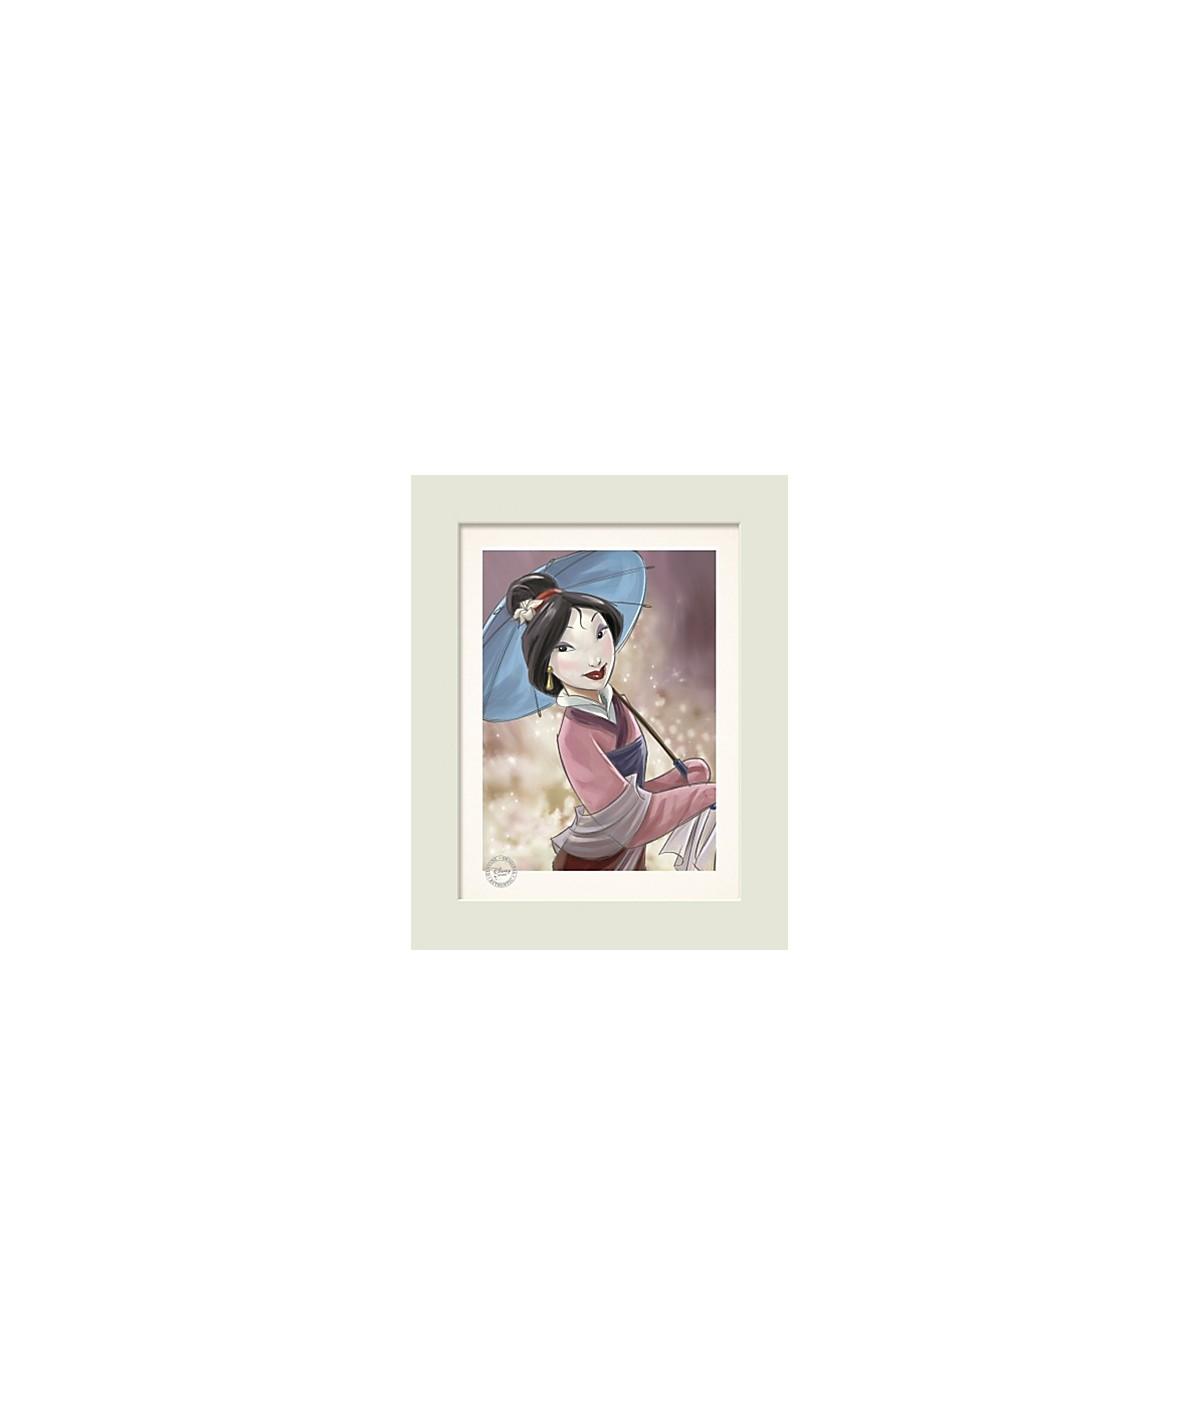 Quadro edizione limitata Mulan Disney Store